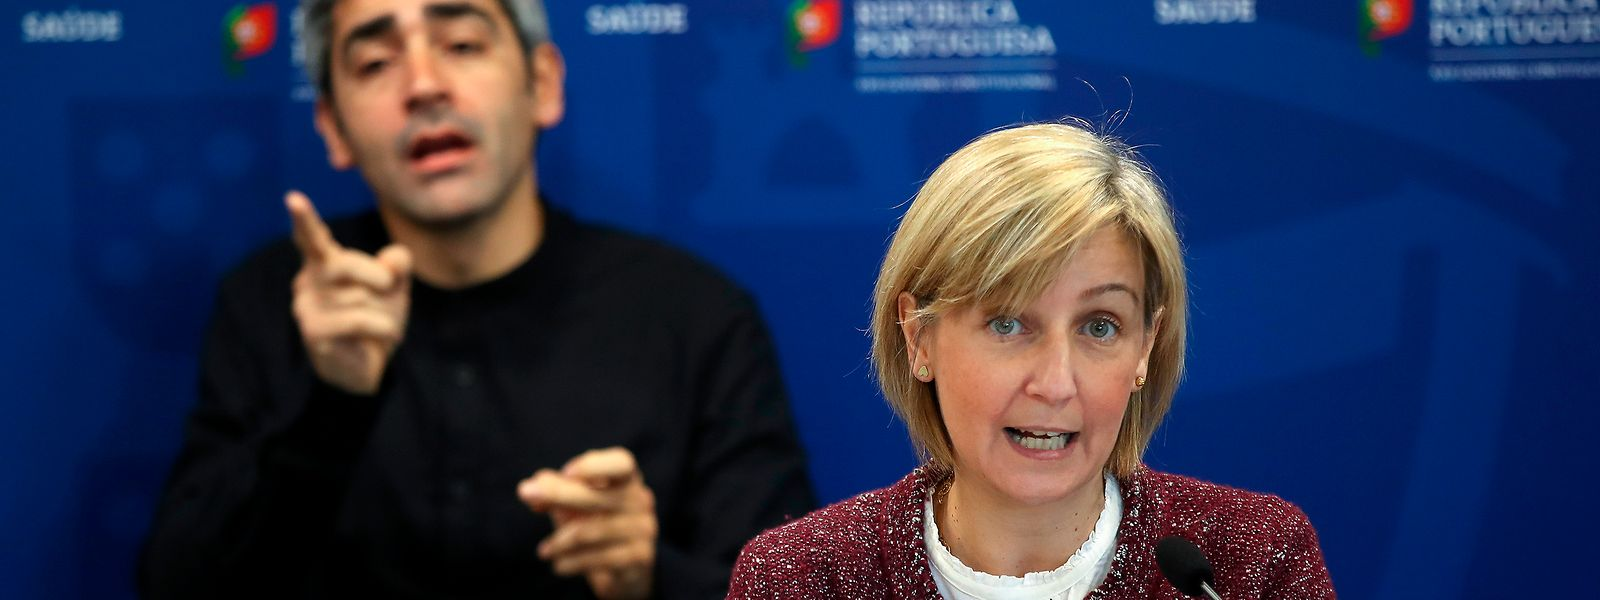 A ministra da Saúde, Marta Temido, na conferência de imprensa diária sobre o novo coronavírus (covid-19) realizada no Ministério da Saúde, em Lisboa, 28 de março de 2020.